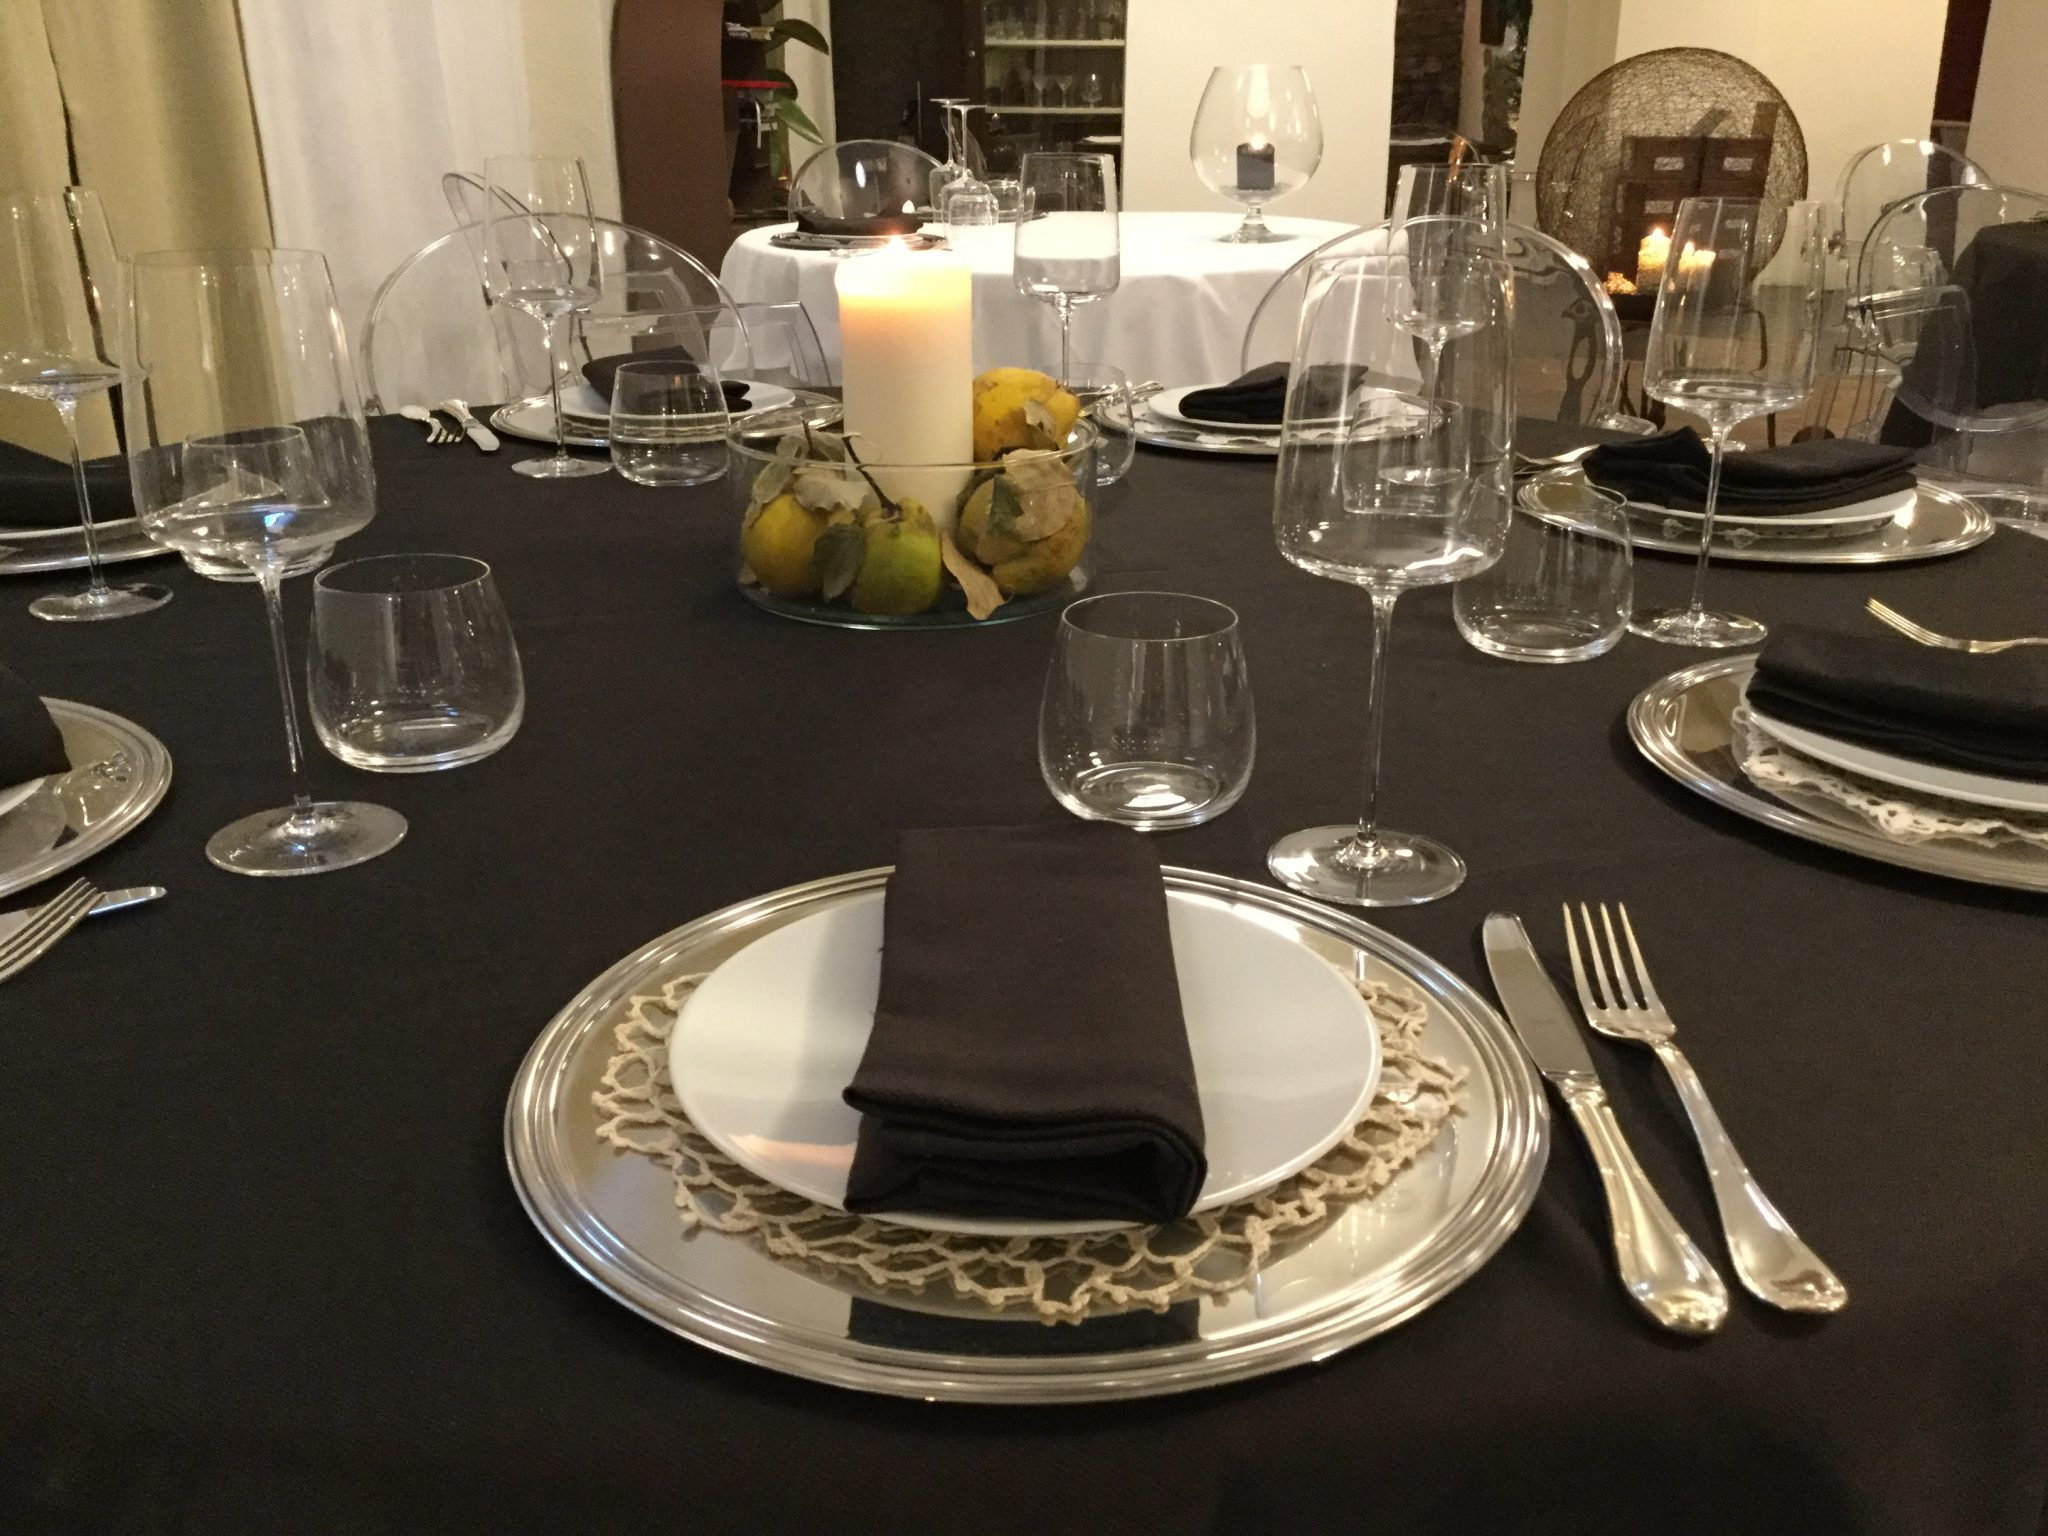 All'Osteria Battaglino, in provincia di Cuneo, il pranzo di Natale è una sorpresa. Ogni portata, un regalo inaspettato per il palato.